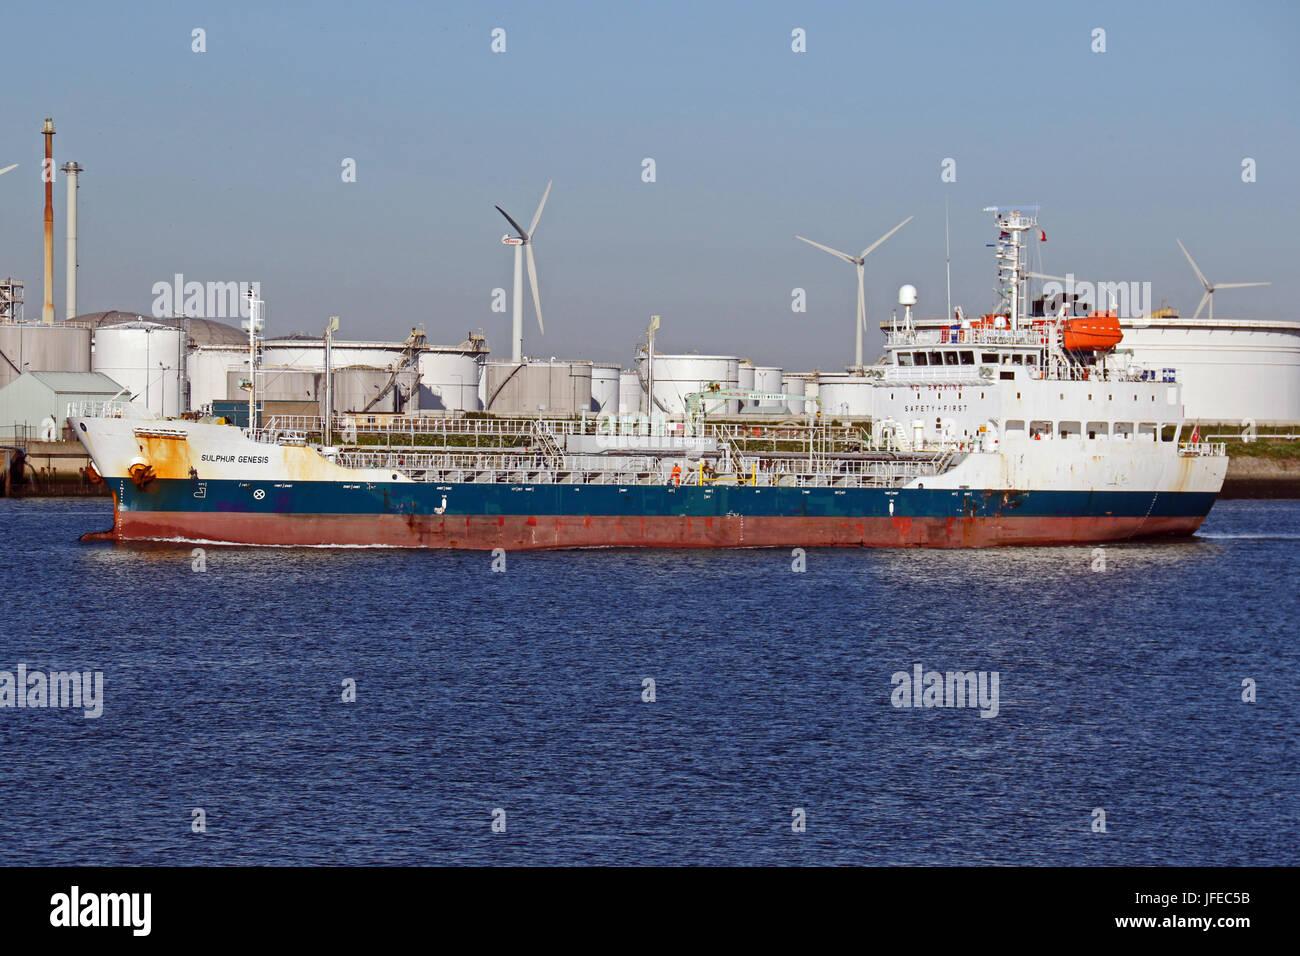 Der Tanker Schwefel Genesis tritt des Rotterdamer Hafens. Stockbild